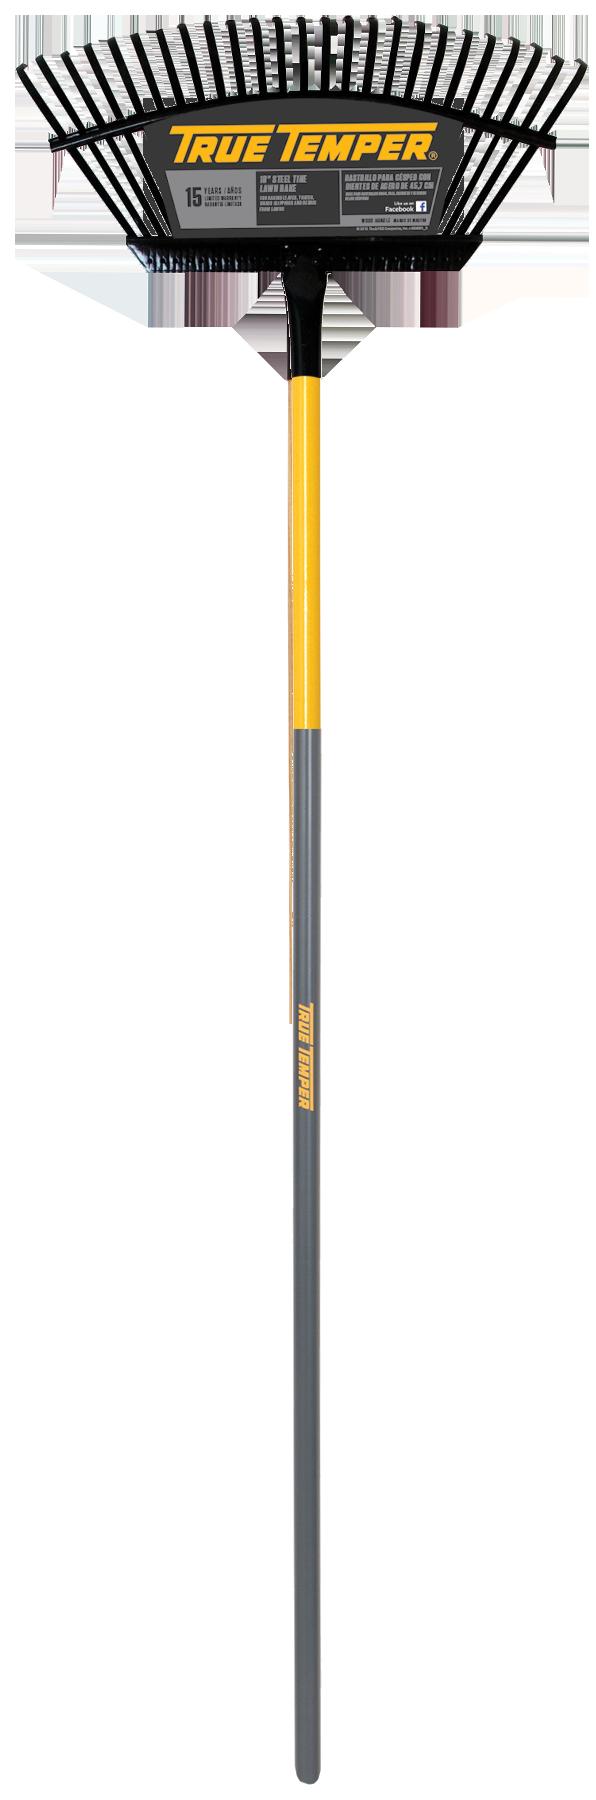 18 Inch Steel Tine Lawn Rake True Temper 174 Tools